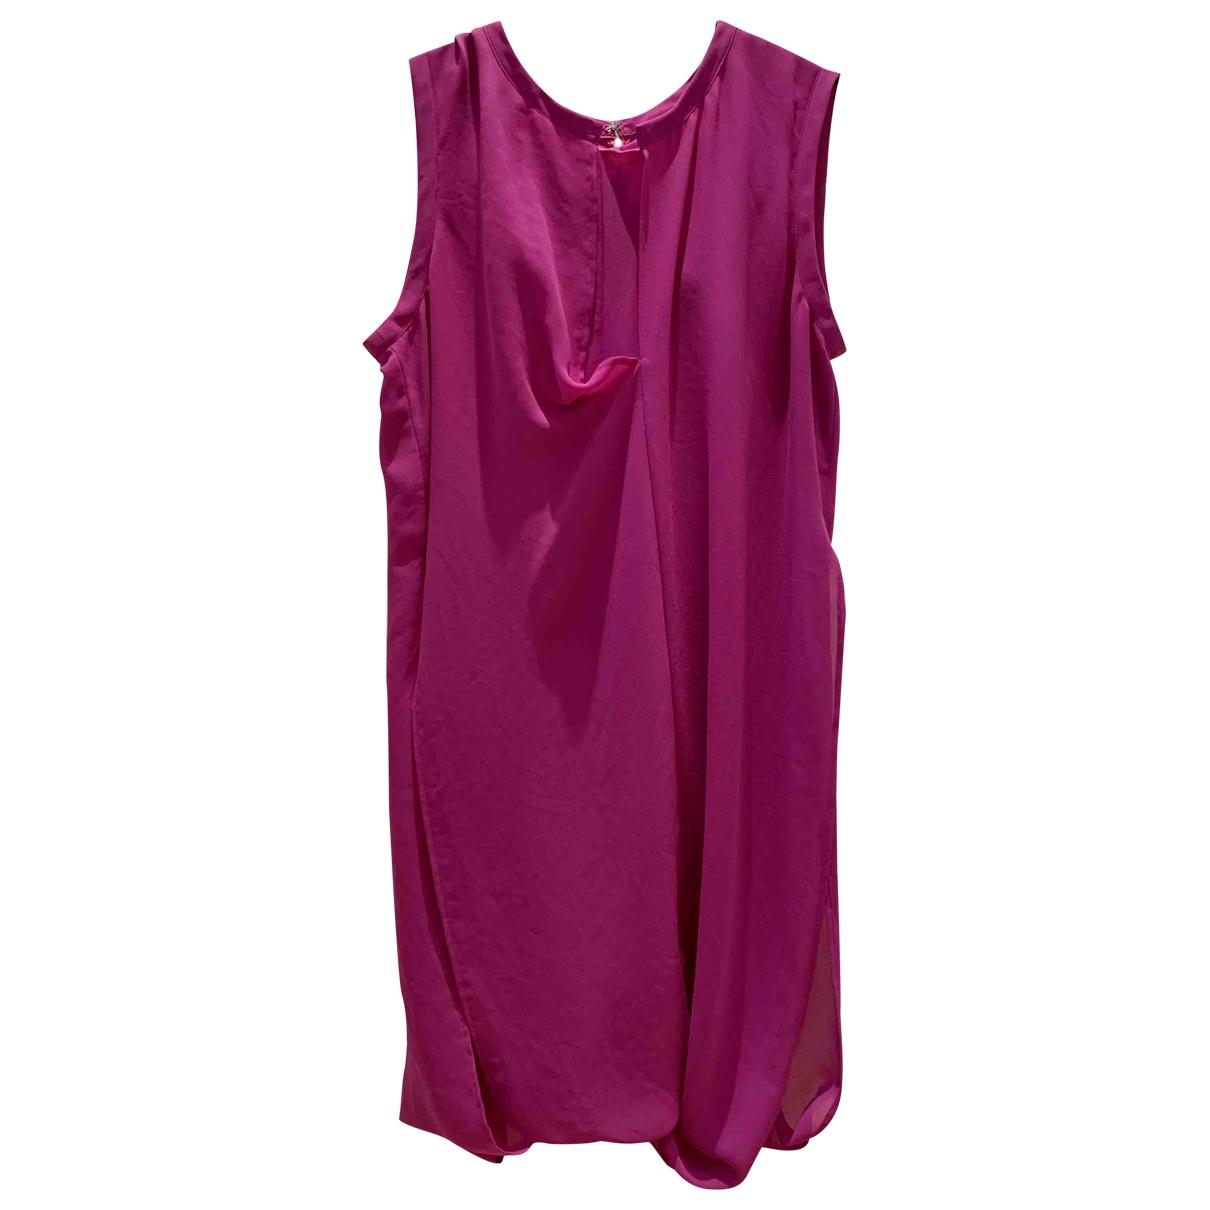 Junya Watanabe \N Kleid in  Lila Polyester